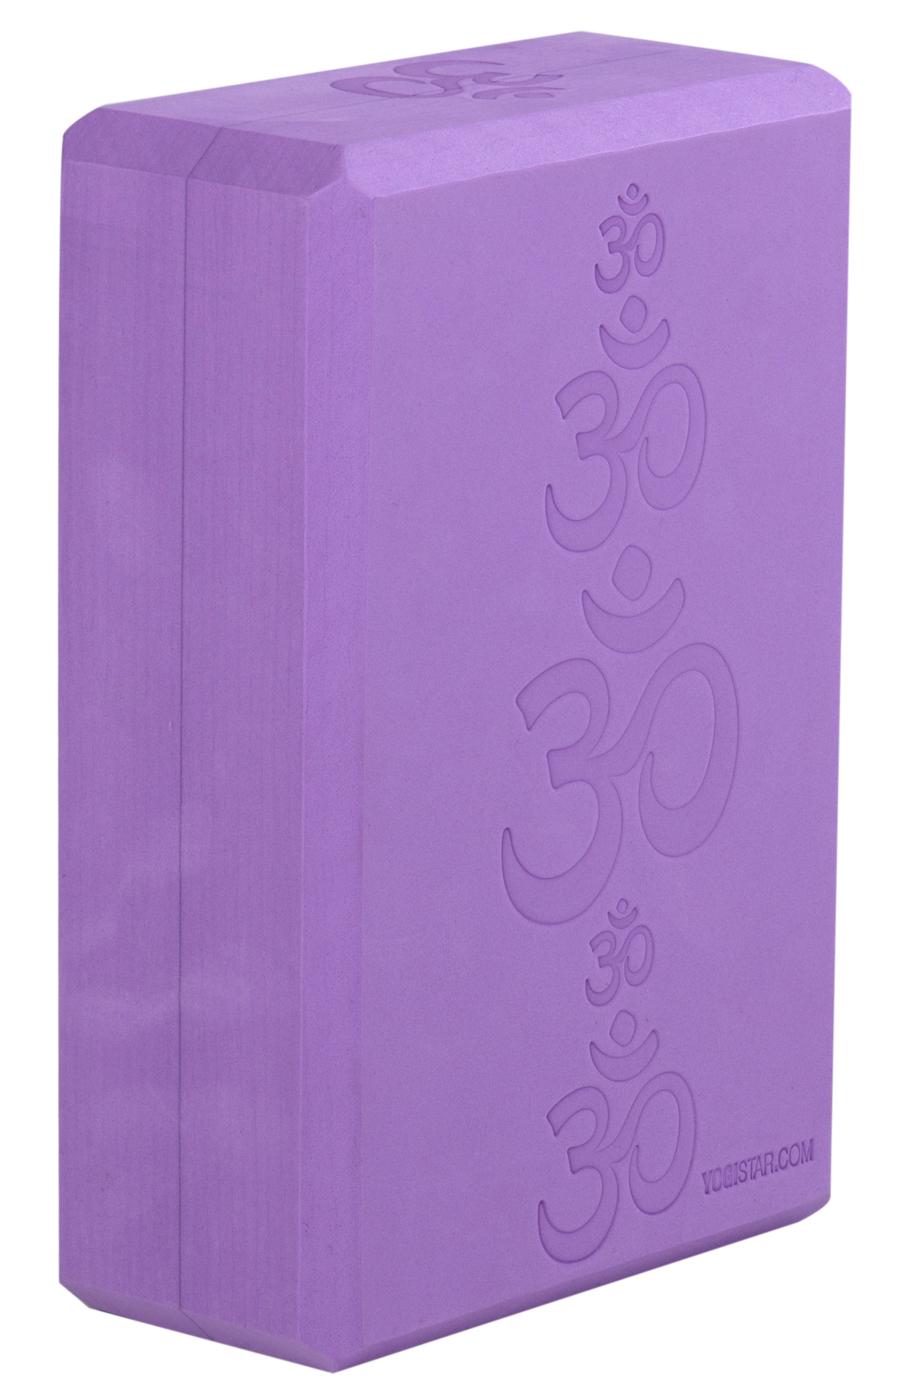 Yoga block - yogiblock 'Big OM'